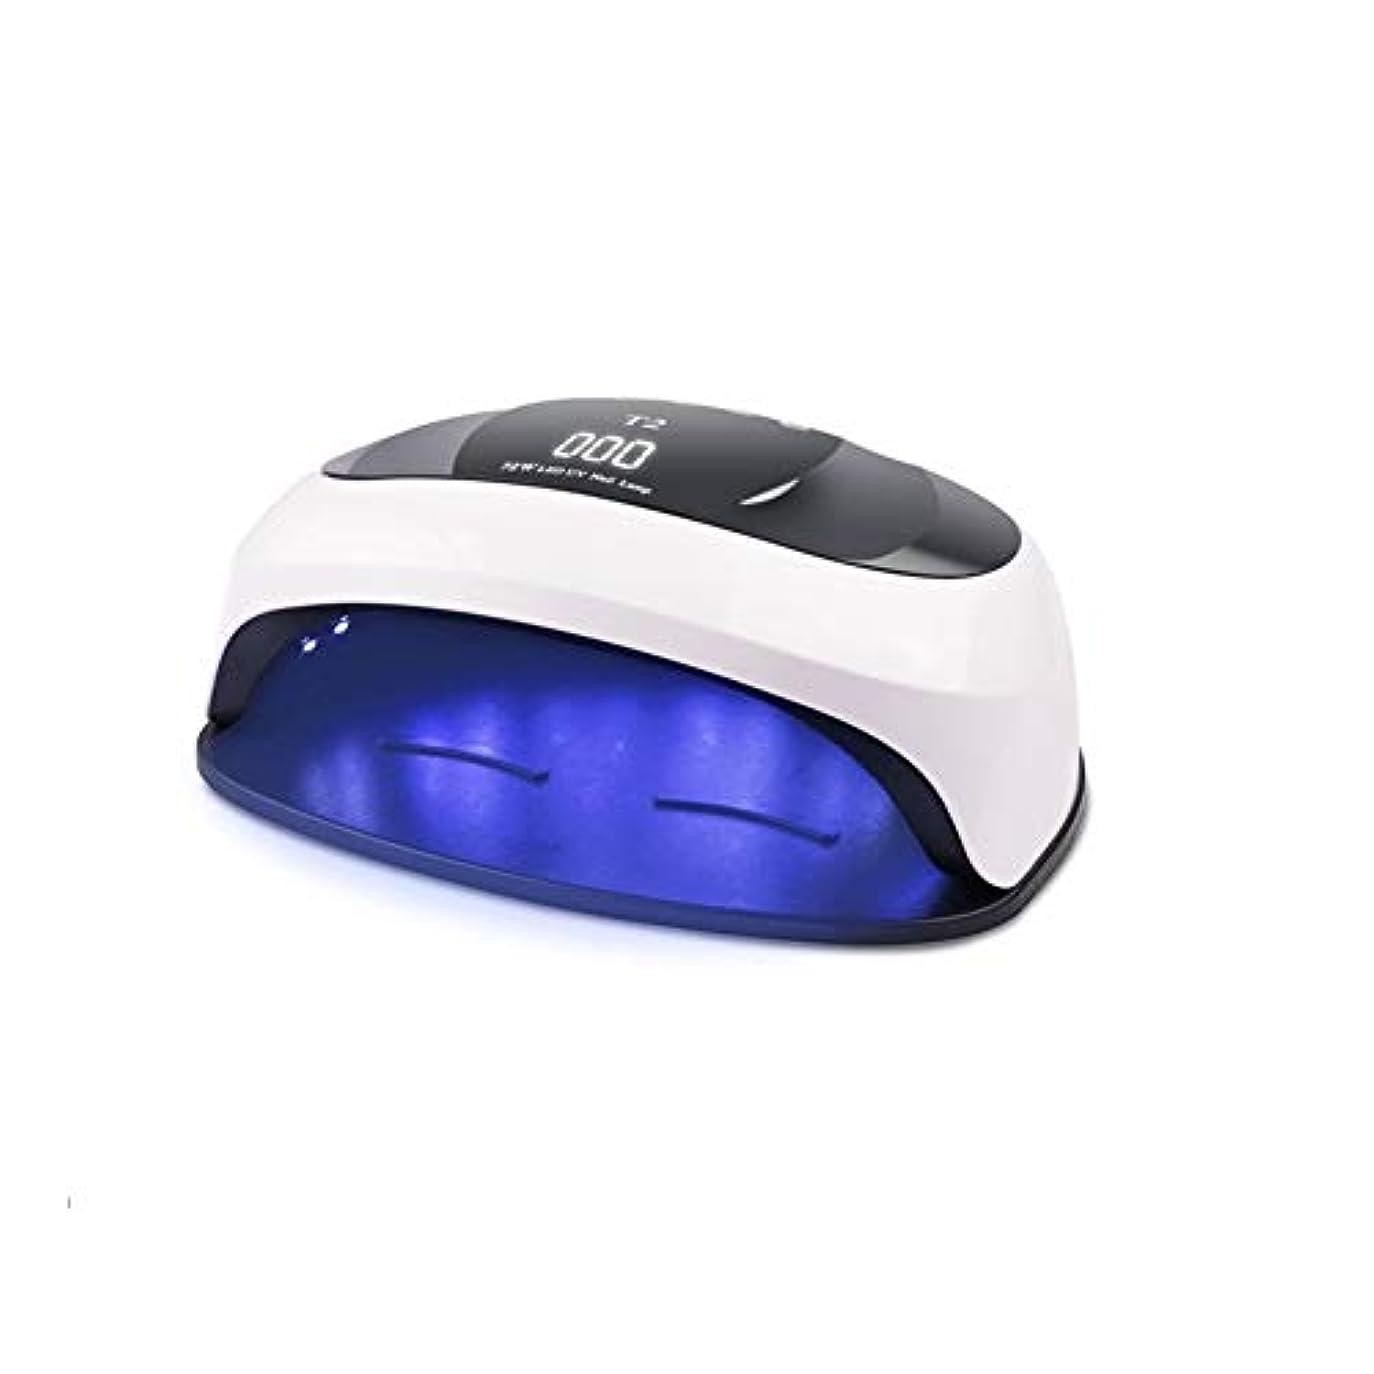 小川クラウドコットンLittleCat マニキュアプラスチックライトセラピーマシンハンズヒートランプ点灯スマートセンサネイル (色 : Red beauty flat plug)